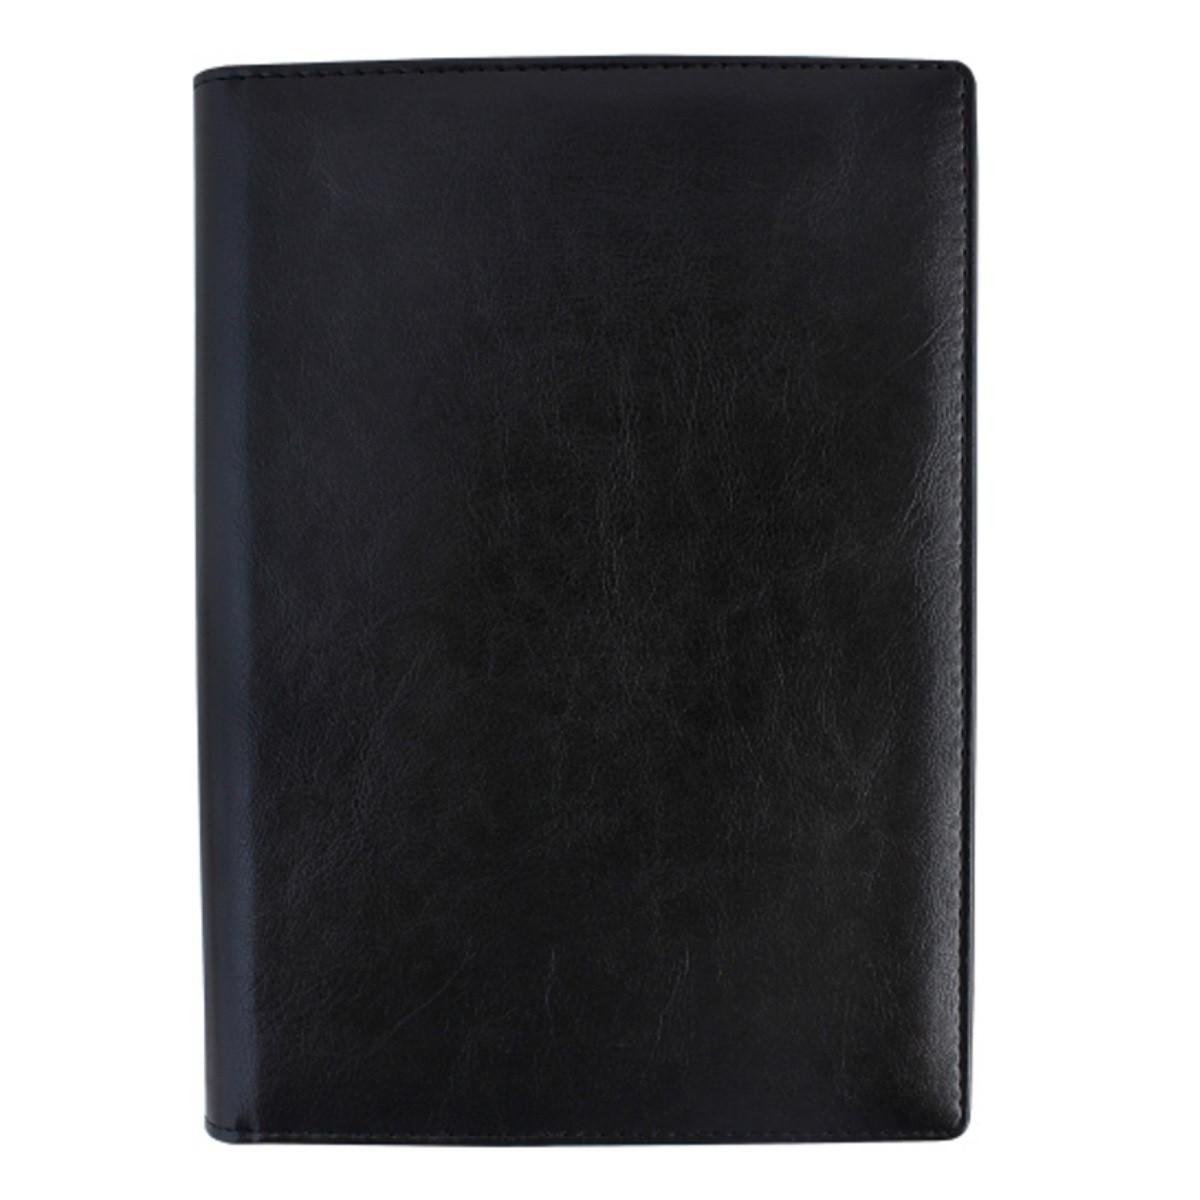 Ежедневник датированный на 2020г. в обложке чёрный О25232